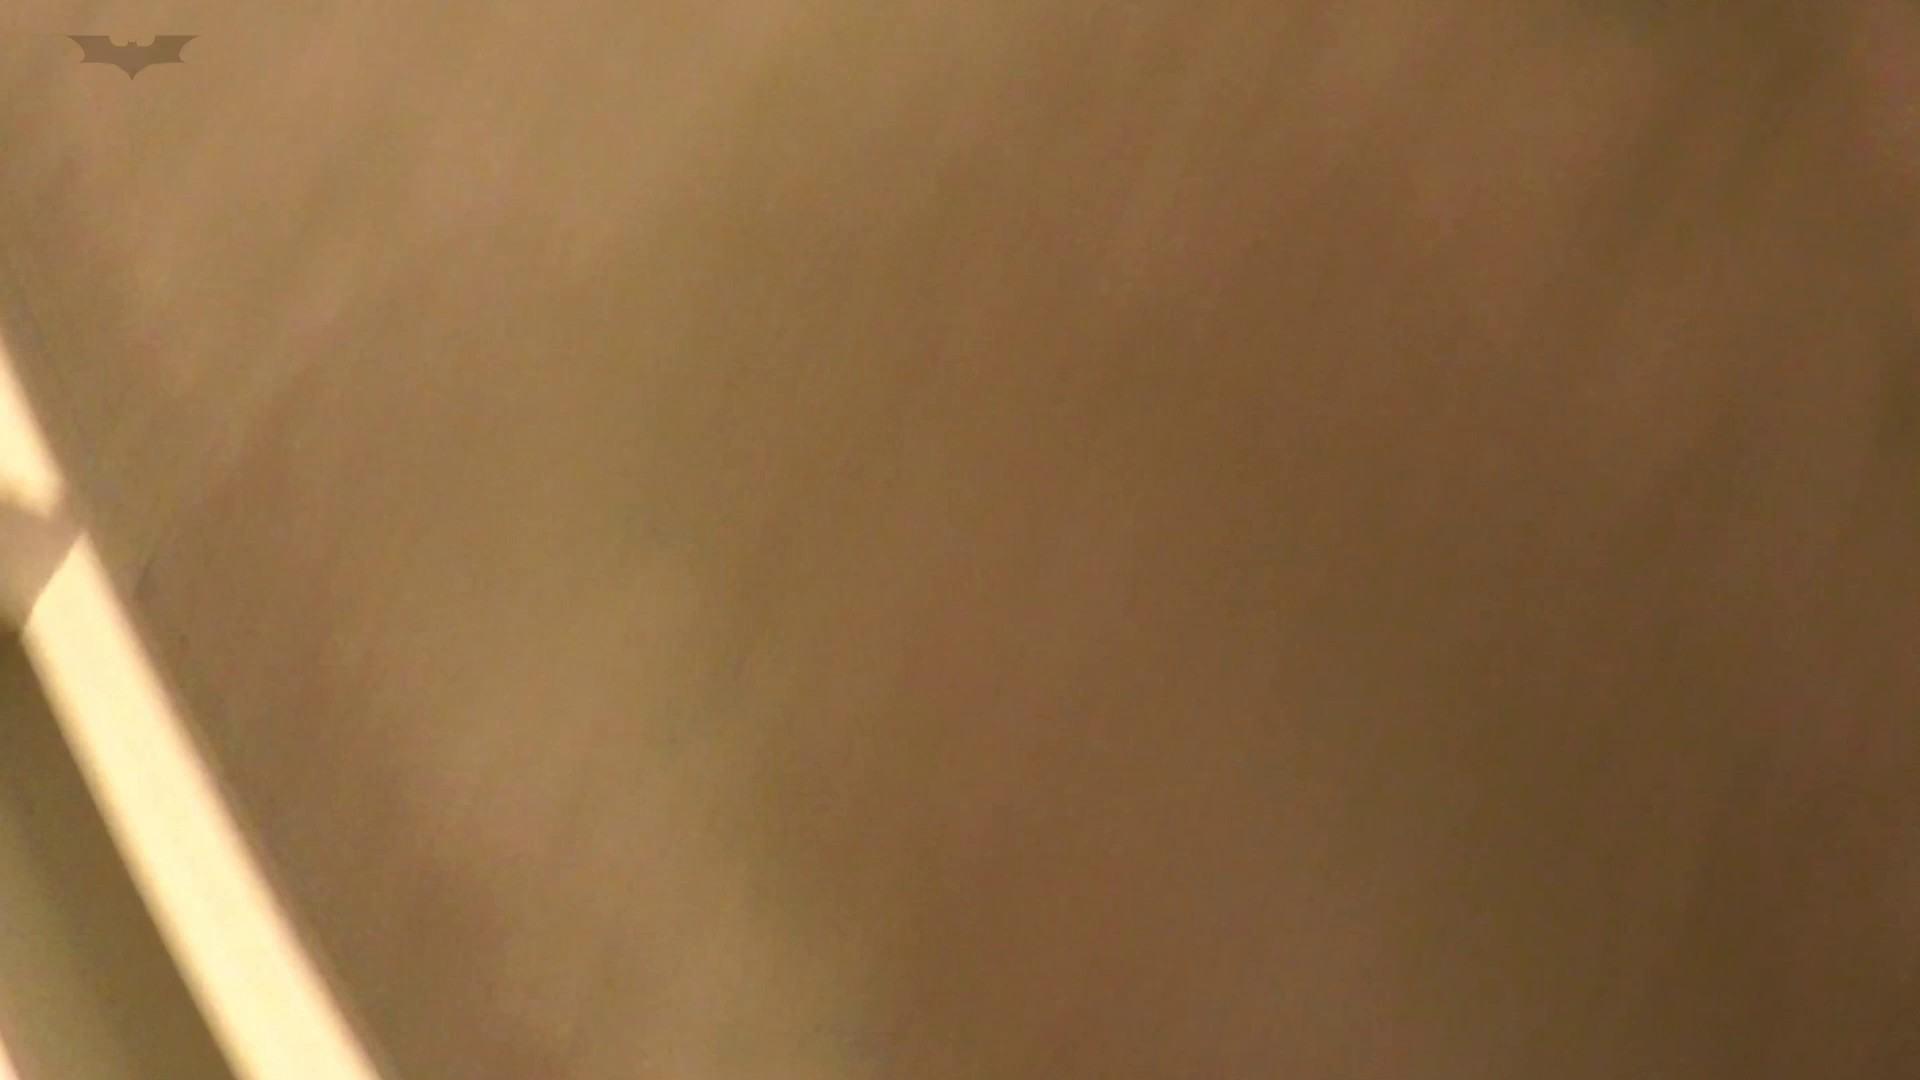 悪戯ネットカフェ Vol14 よく似ているJDにかけちゃった。 イタズラ  79Pix 1